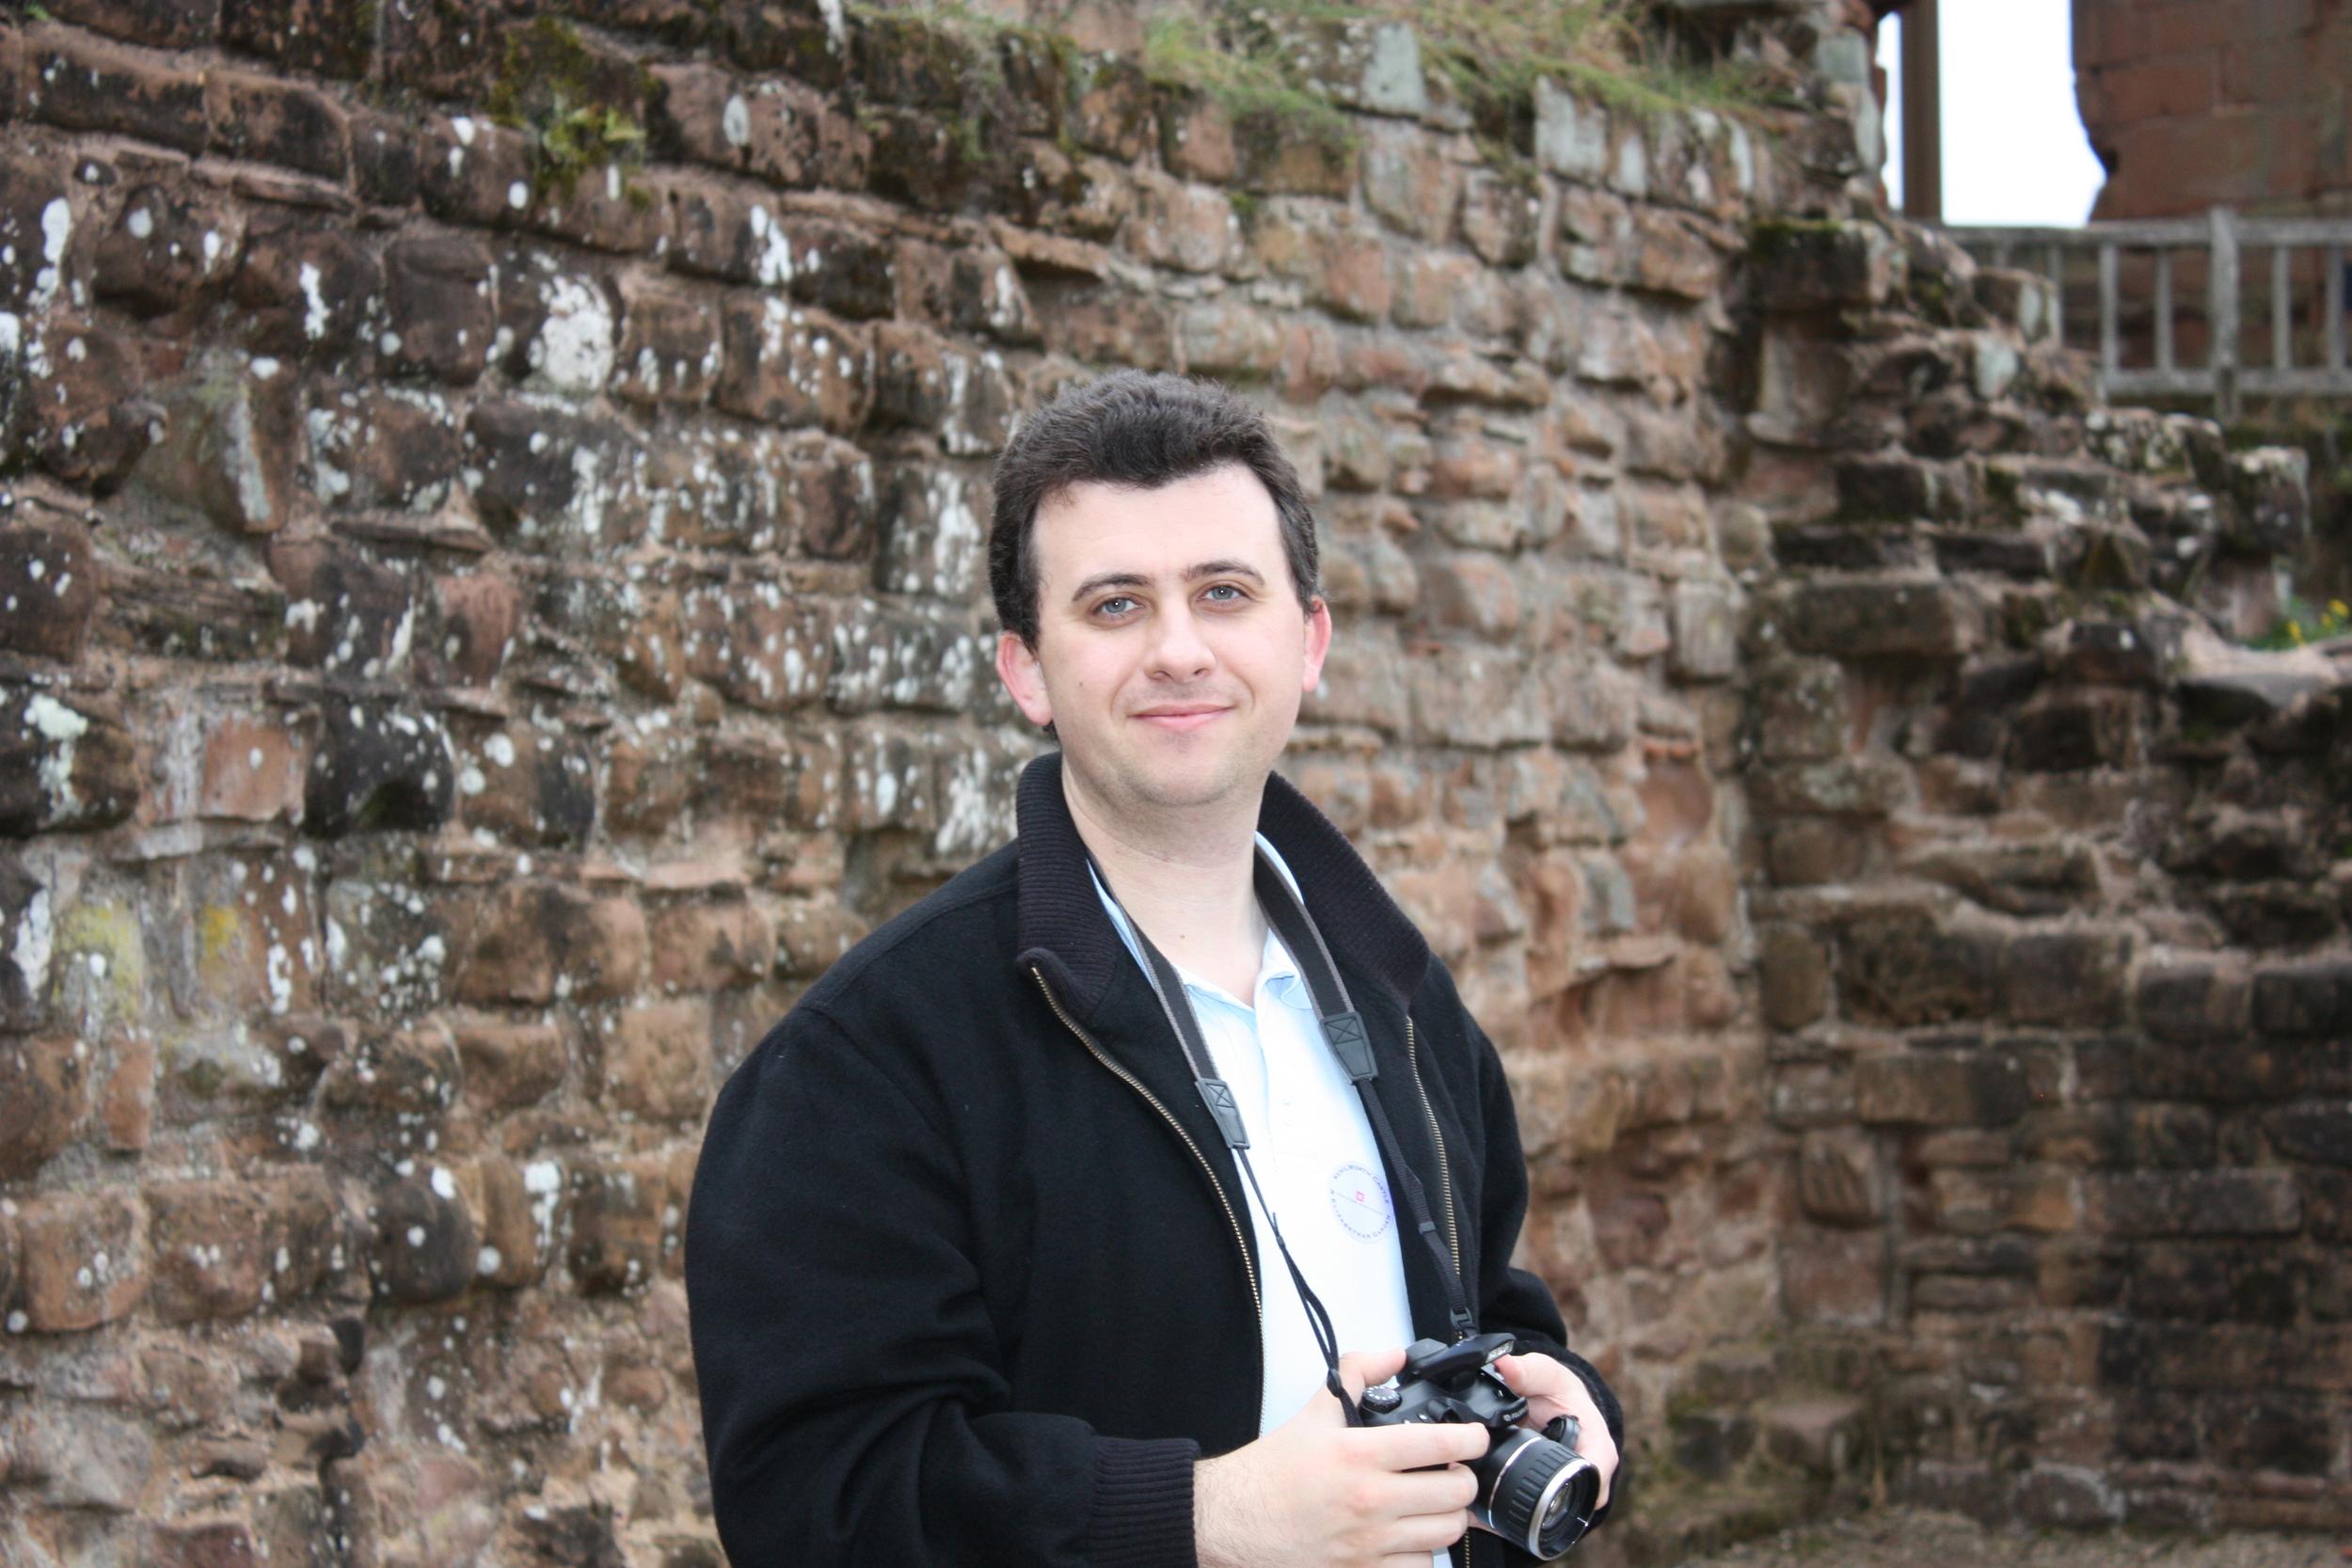 Joe at Kenilworth Castle